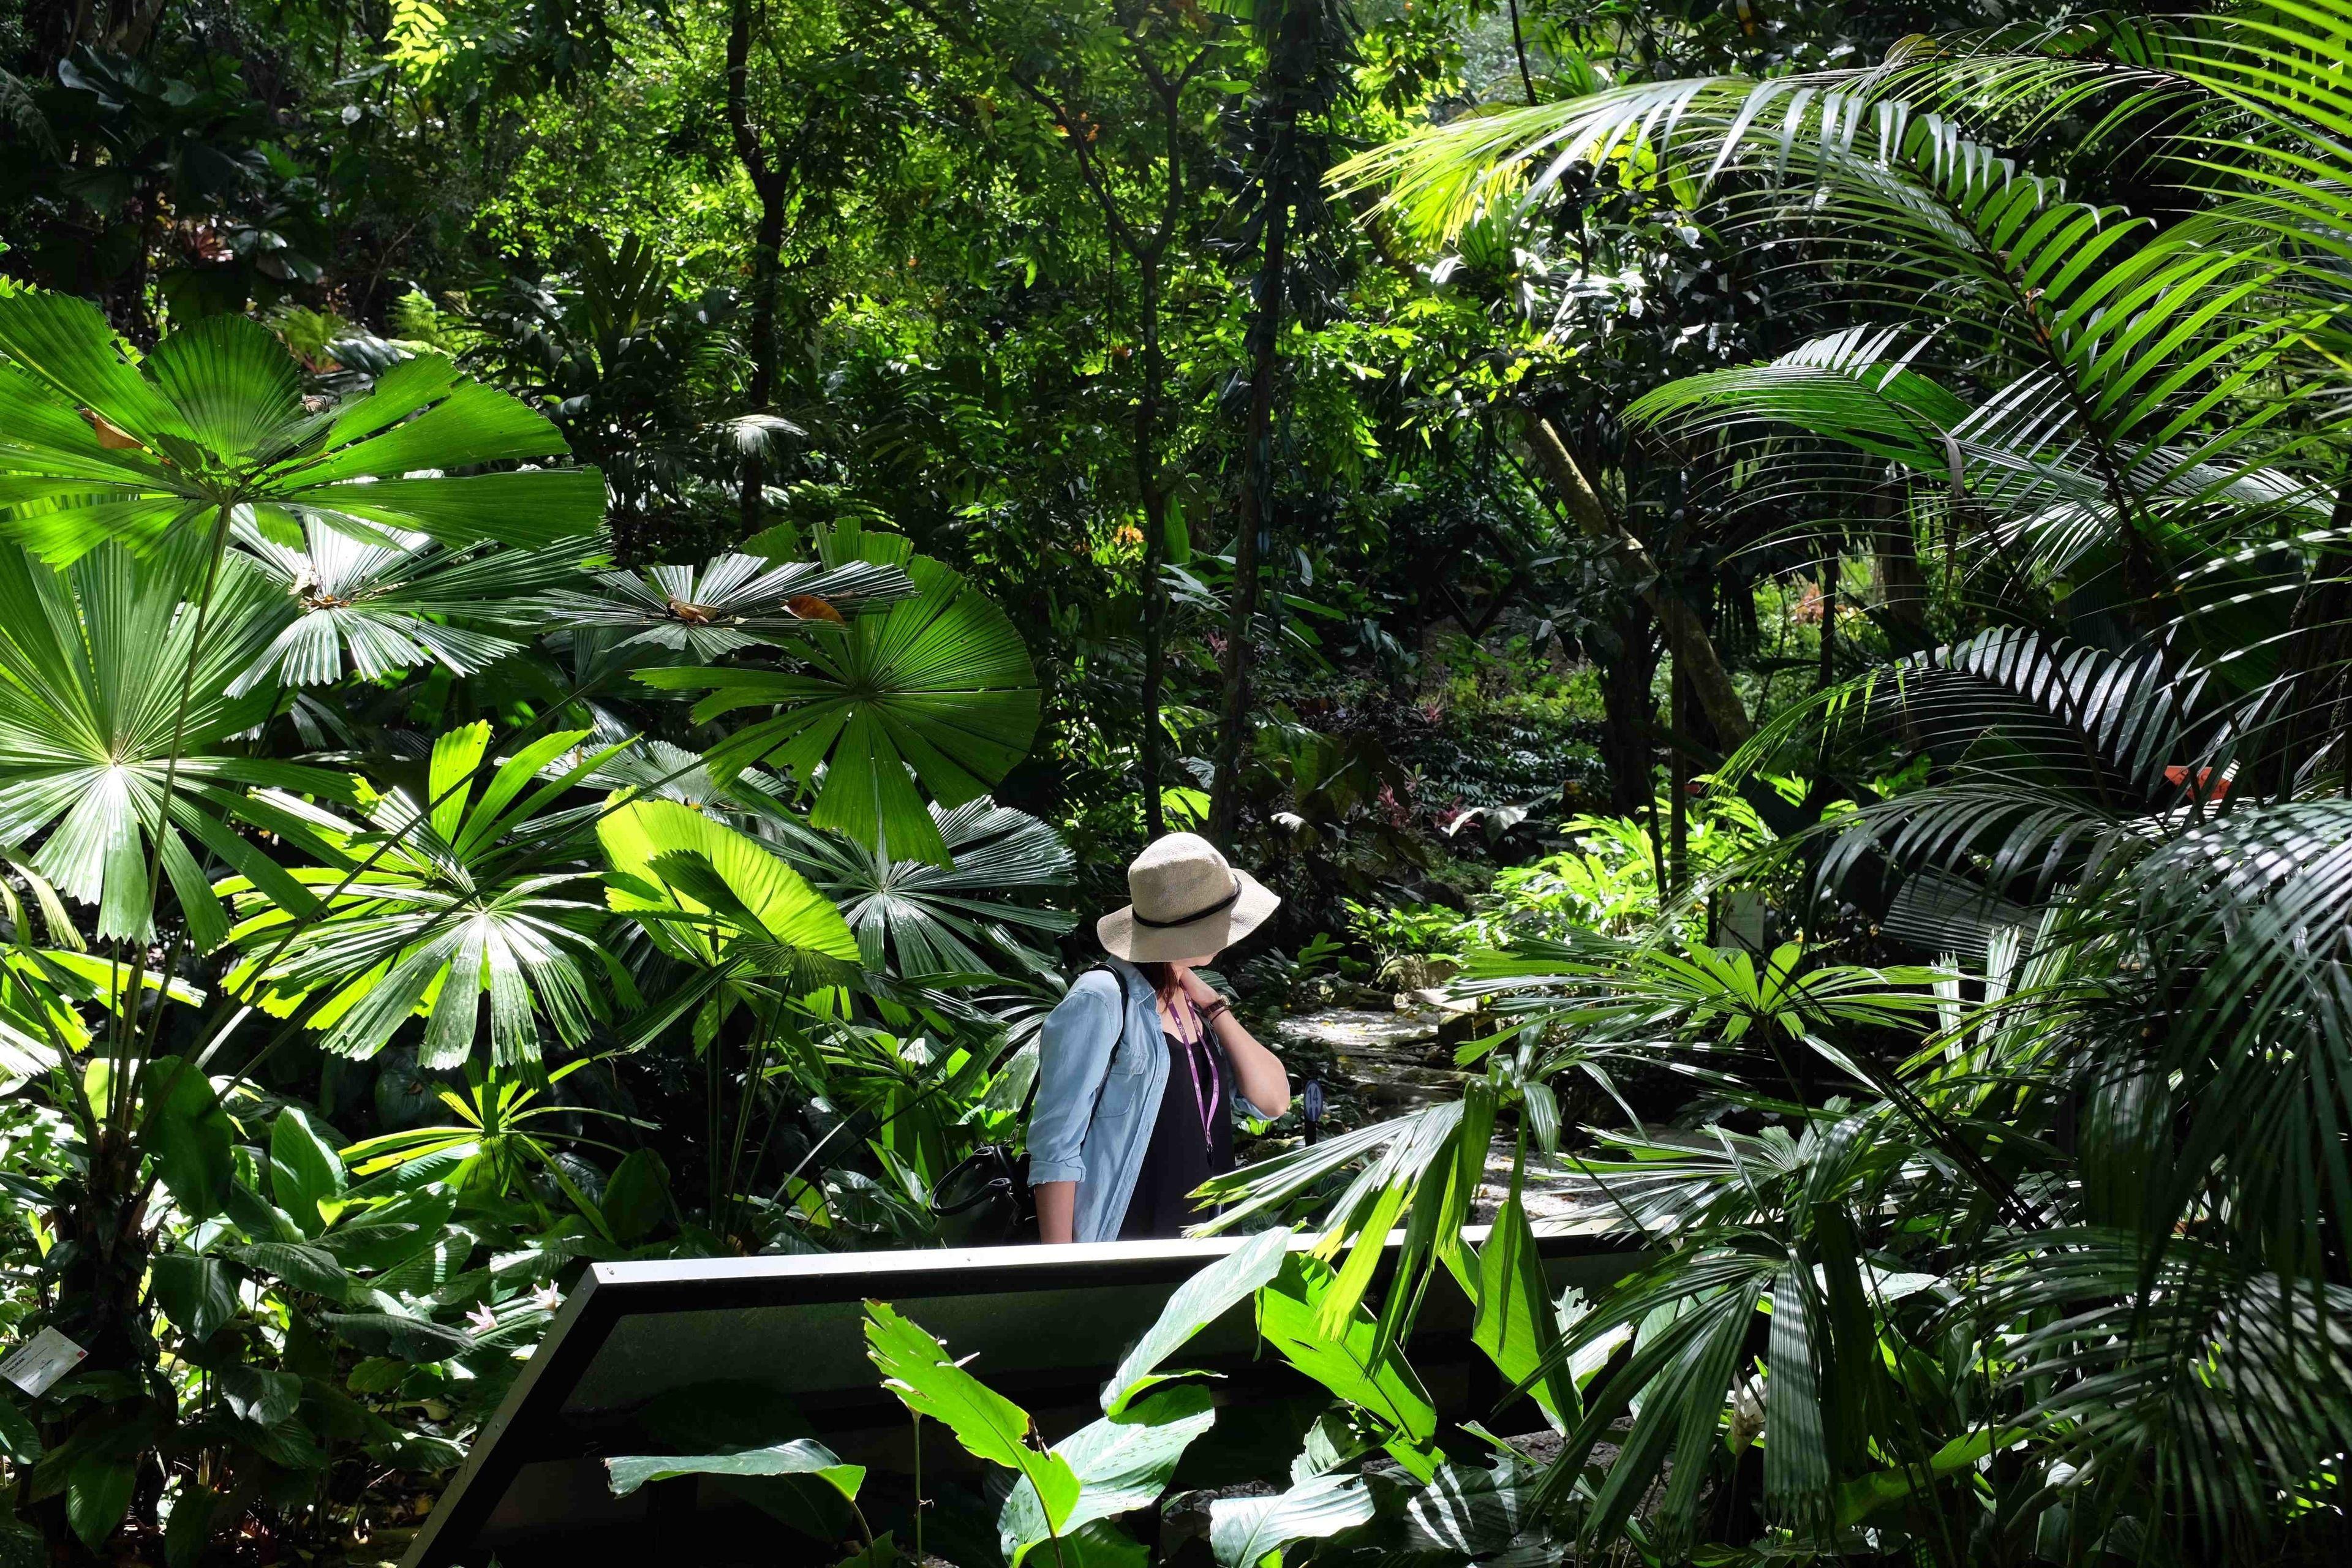 Tropical Spice Garden Self Guided Audio Garden Tour